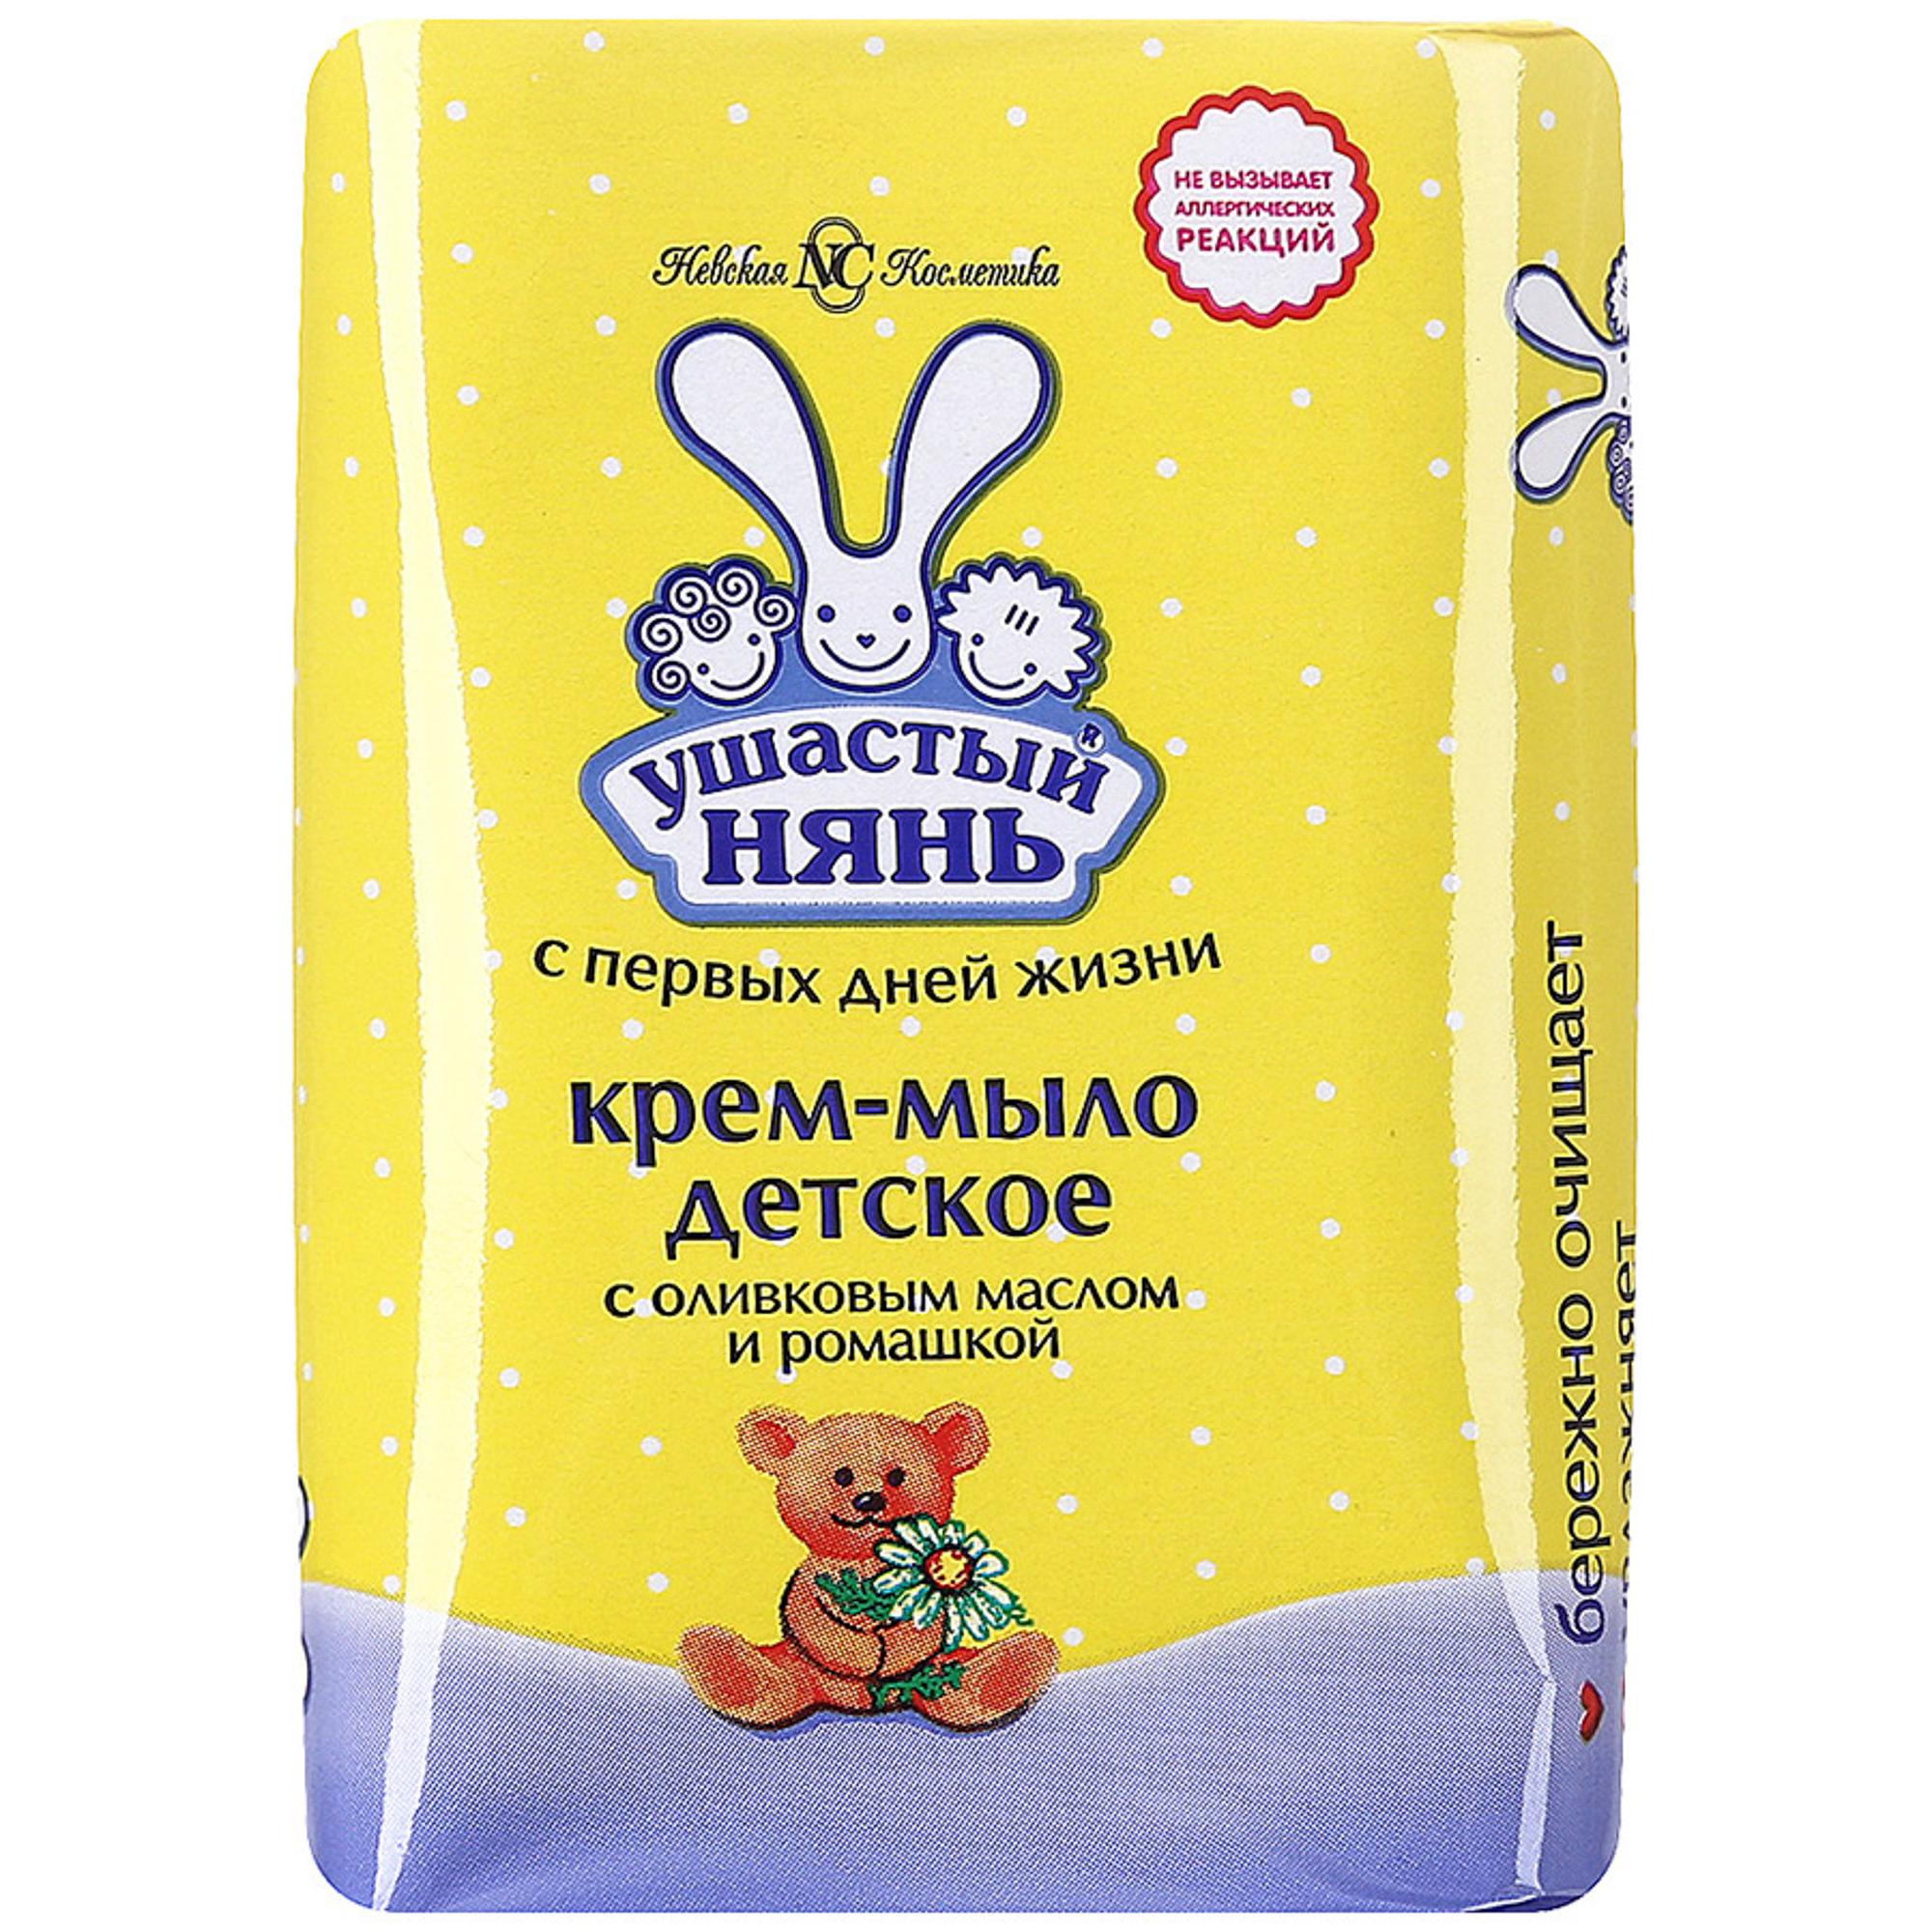 Крем-мыло Ушастый Нянь С оливковым маслом и ромашкой 90 г